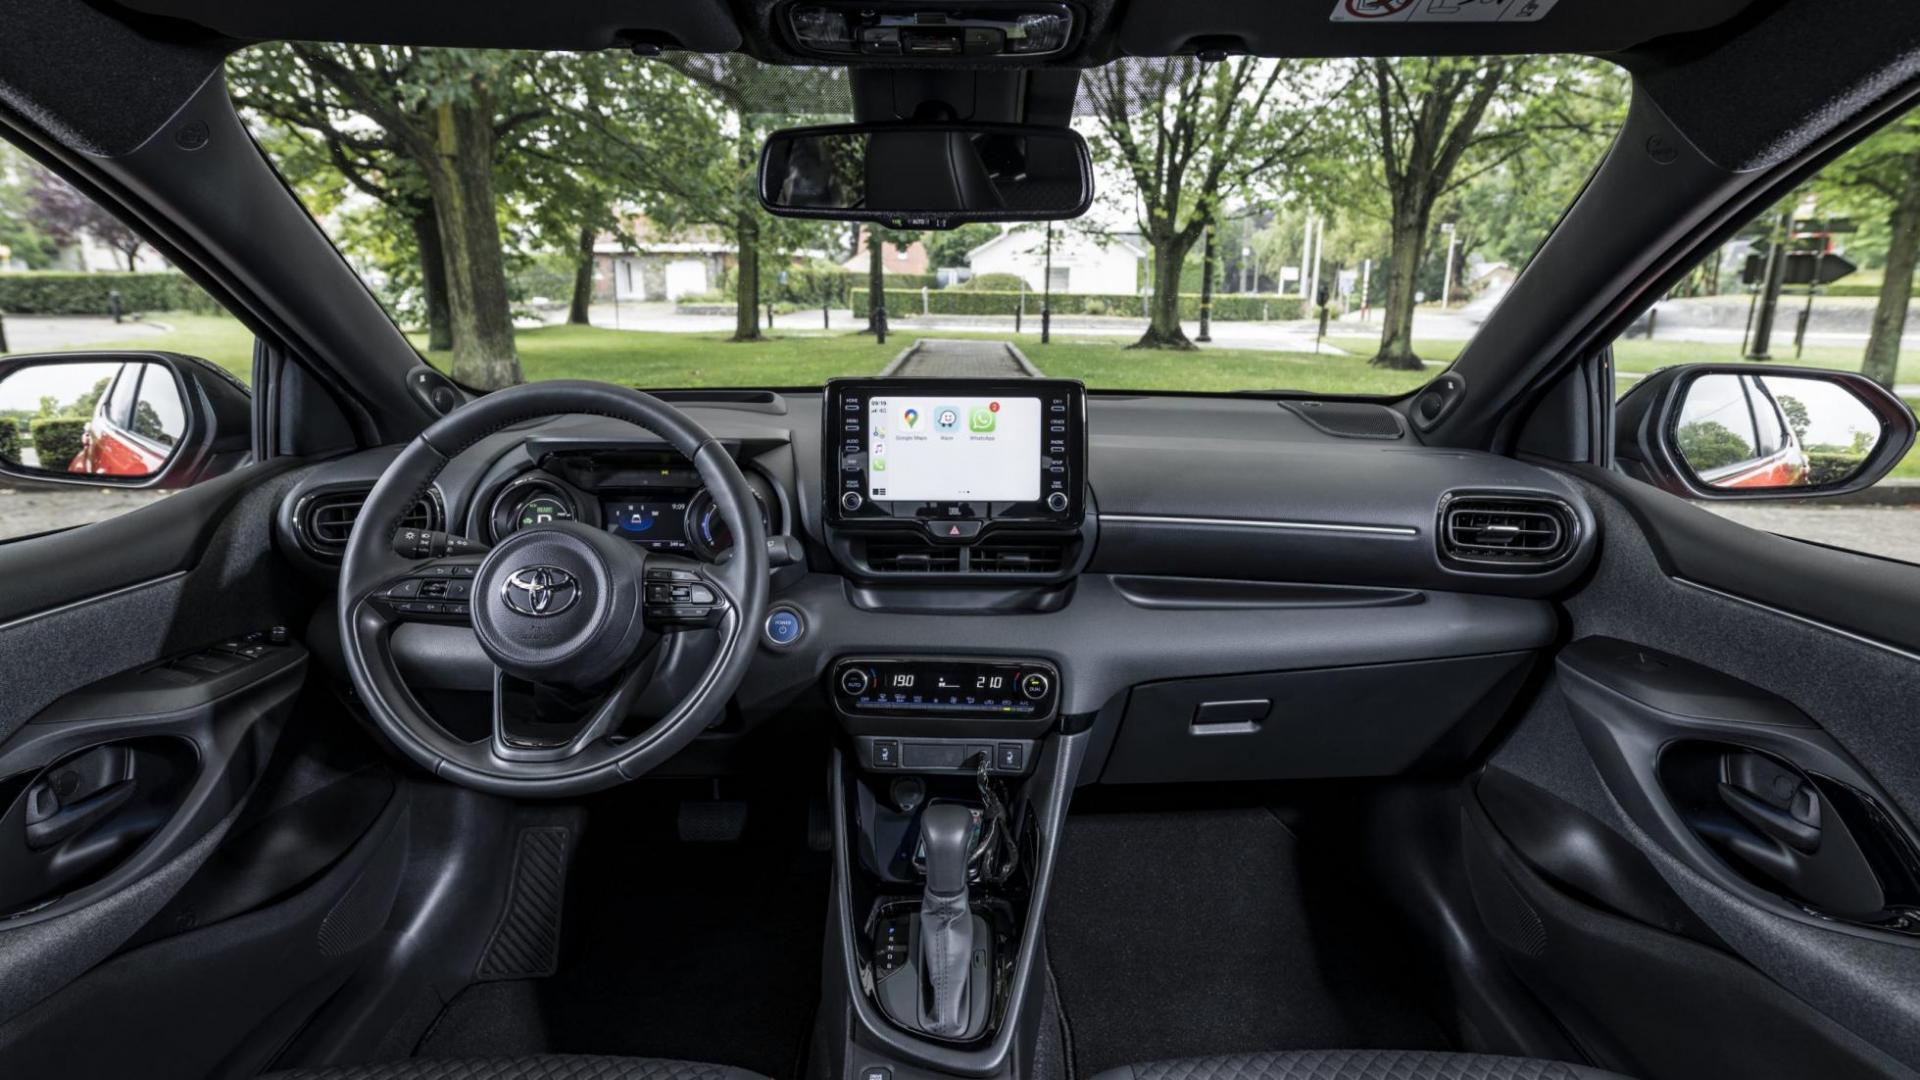 Interieur en dashboard Toyota Yaris 1.5 Hybrid Launch Edition